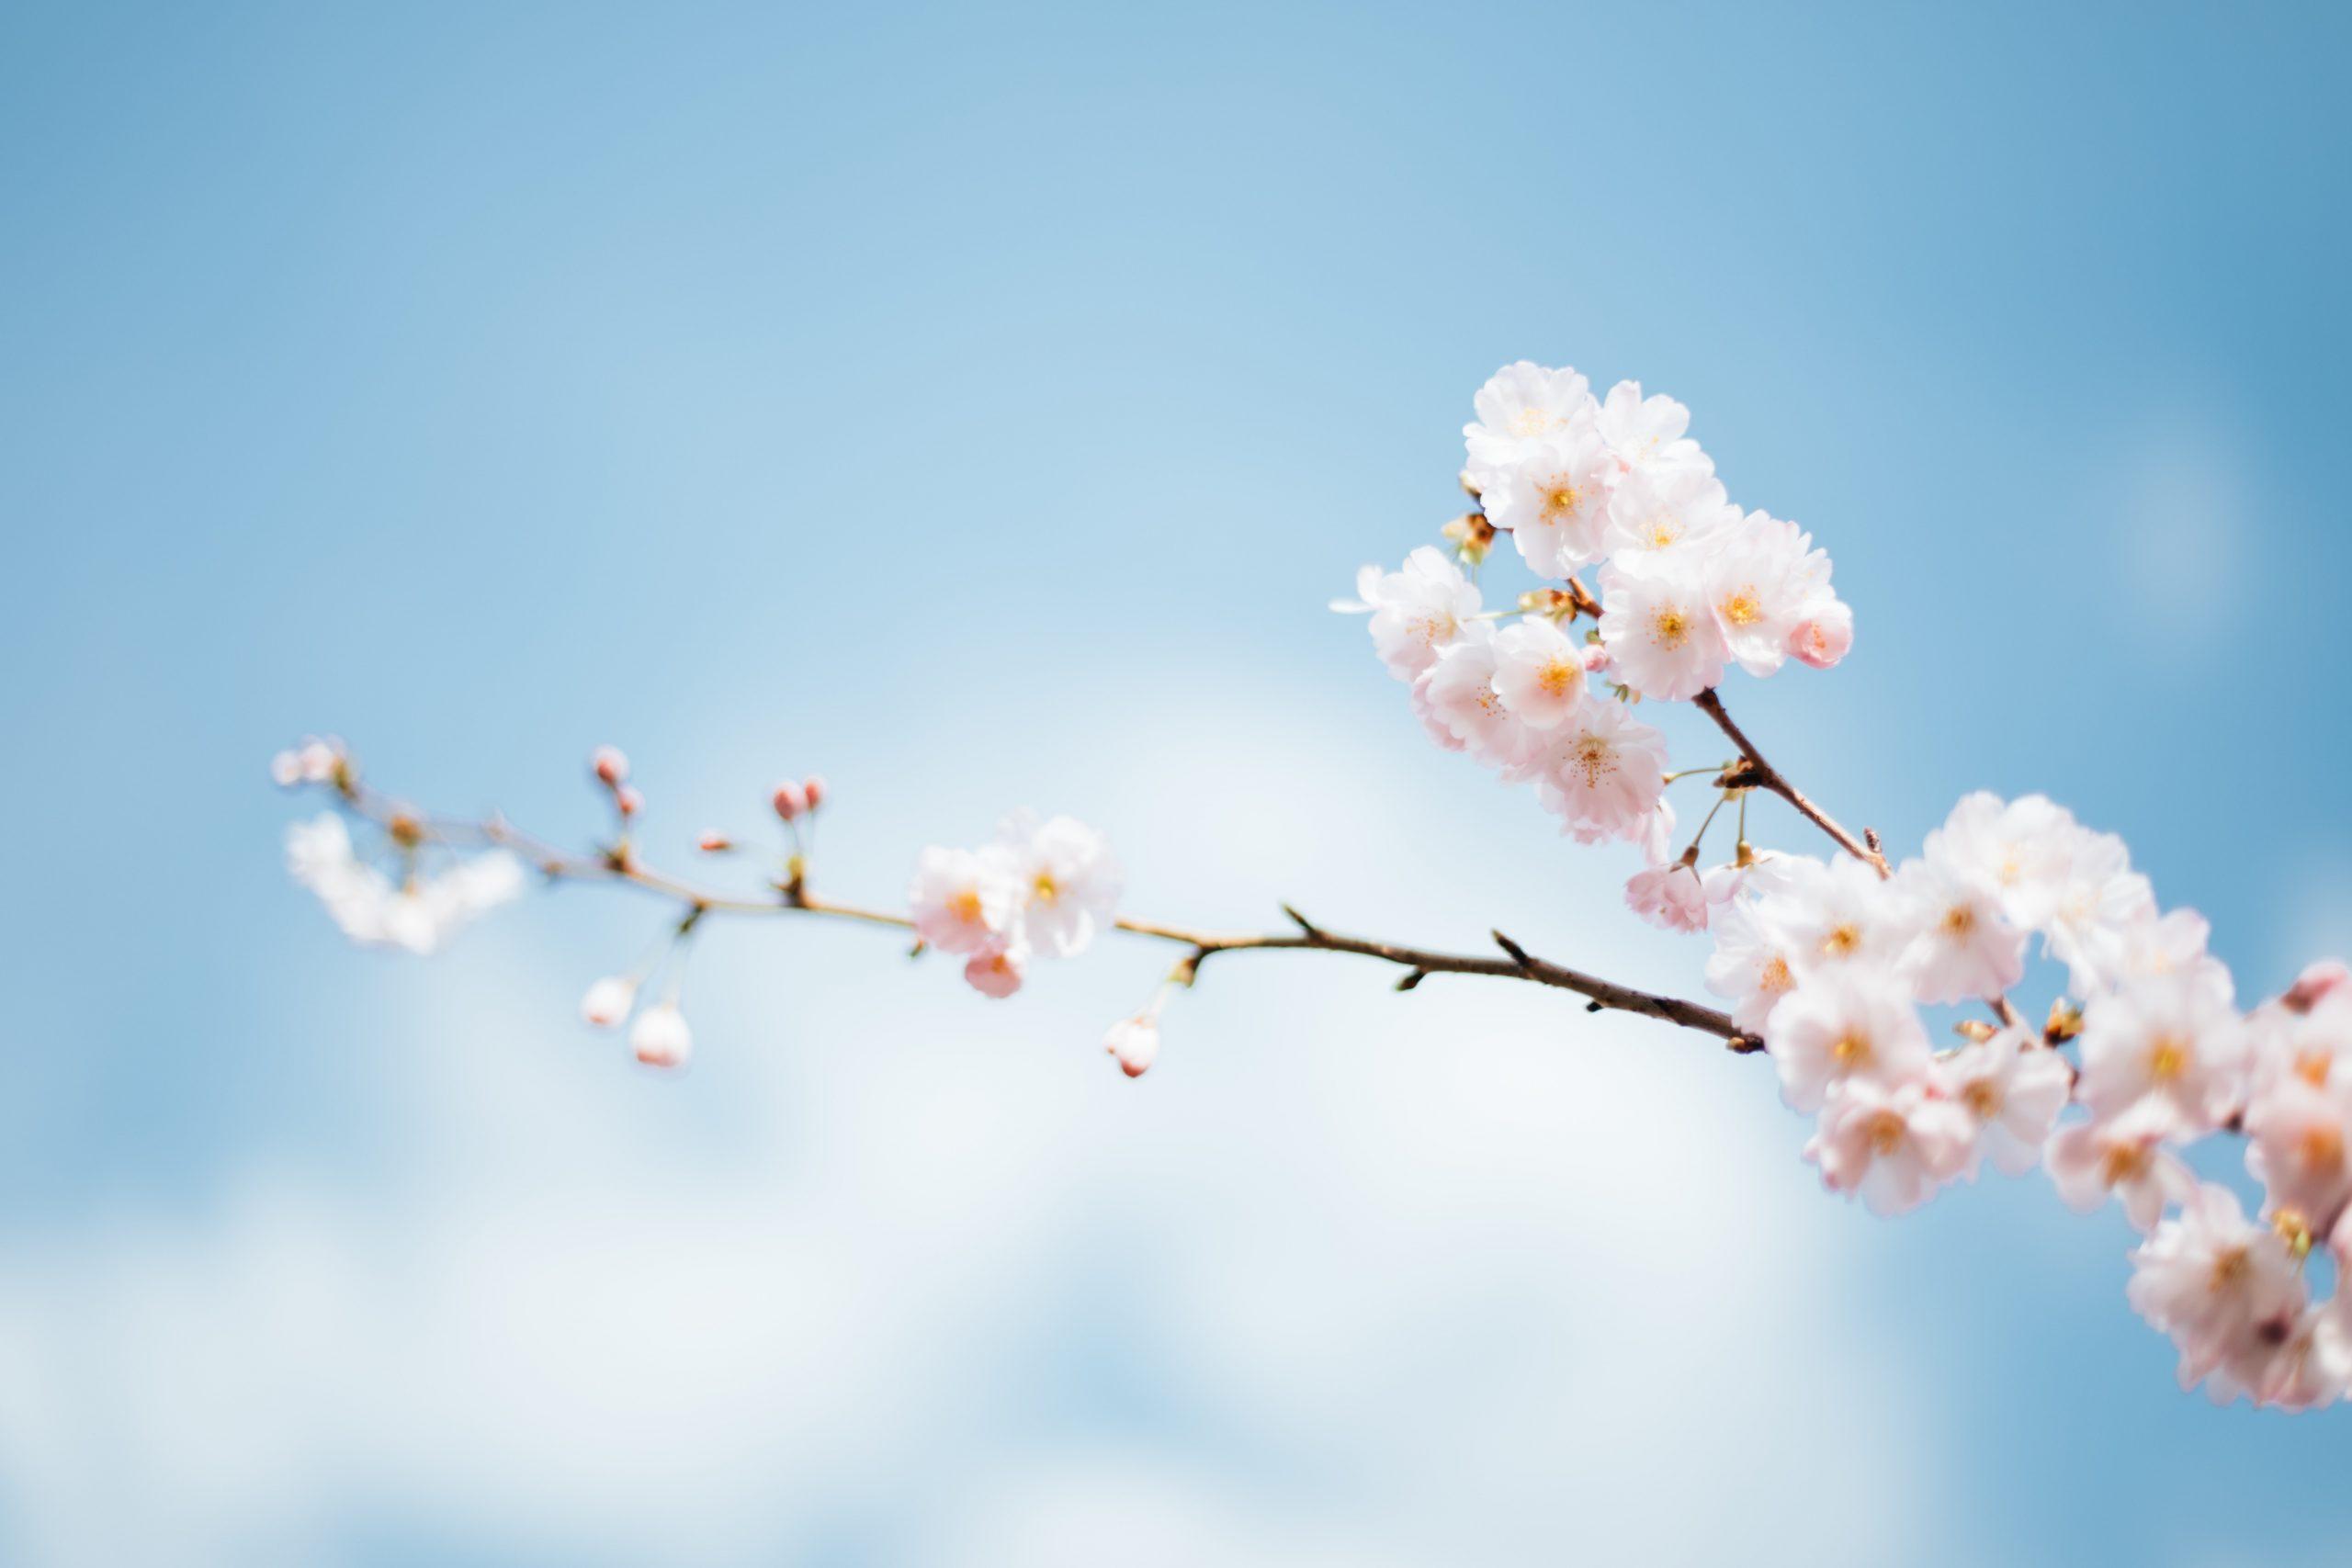 《水晶玉子の占い》|春到来!この春、あなたがする2つの特別体験(恋愛・人生)+1年後のあなた